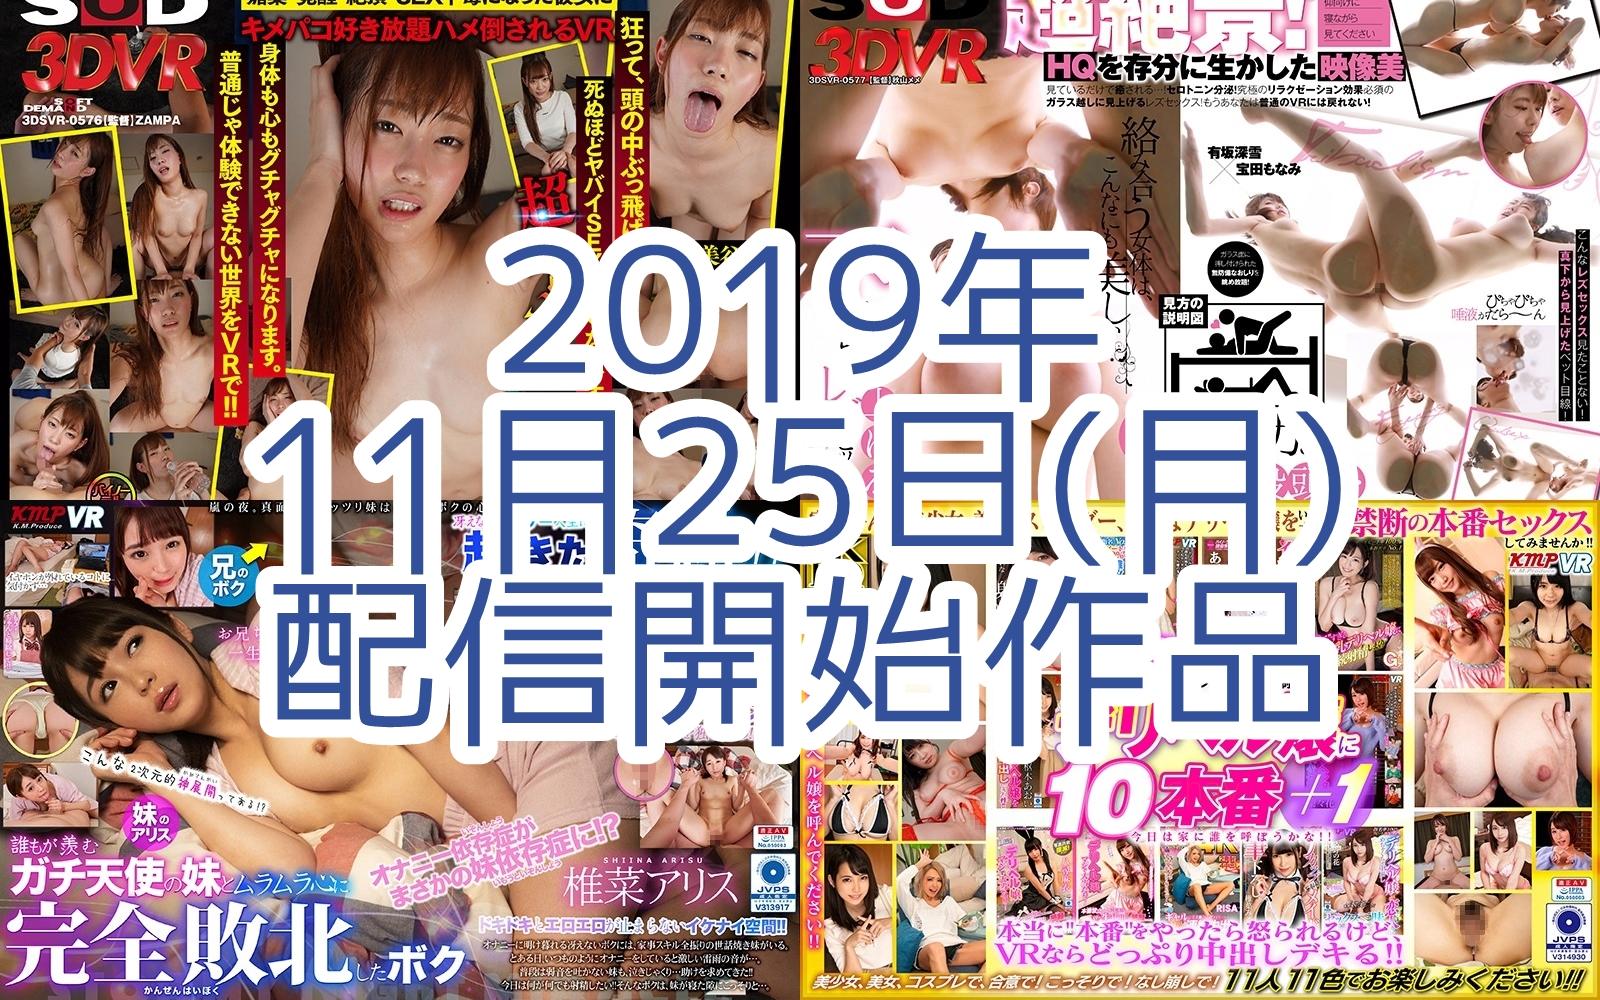 13dsvr00576pl-tile.jpg